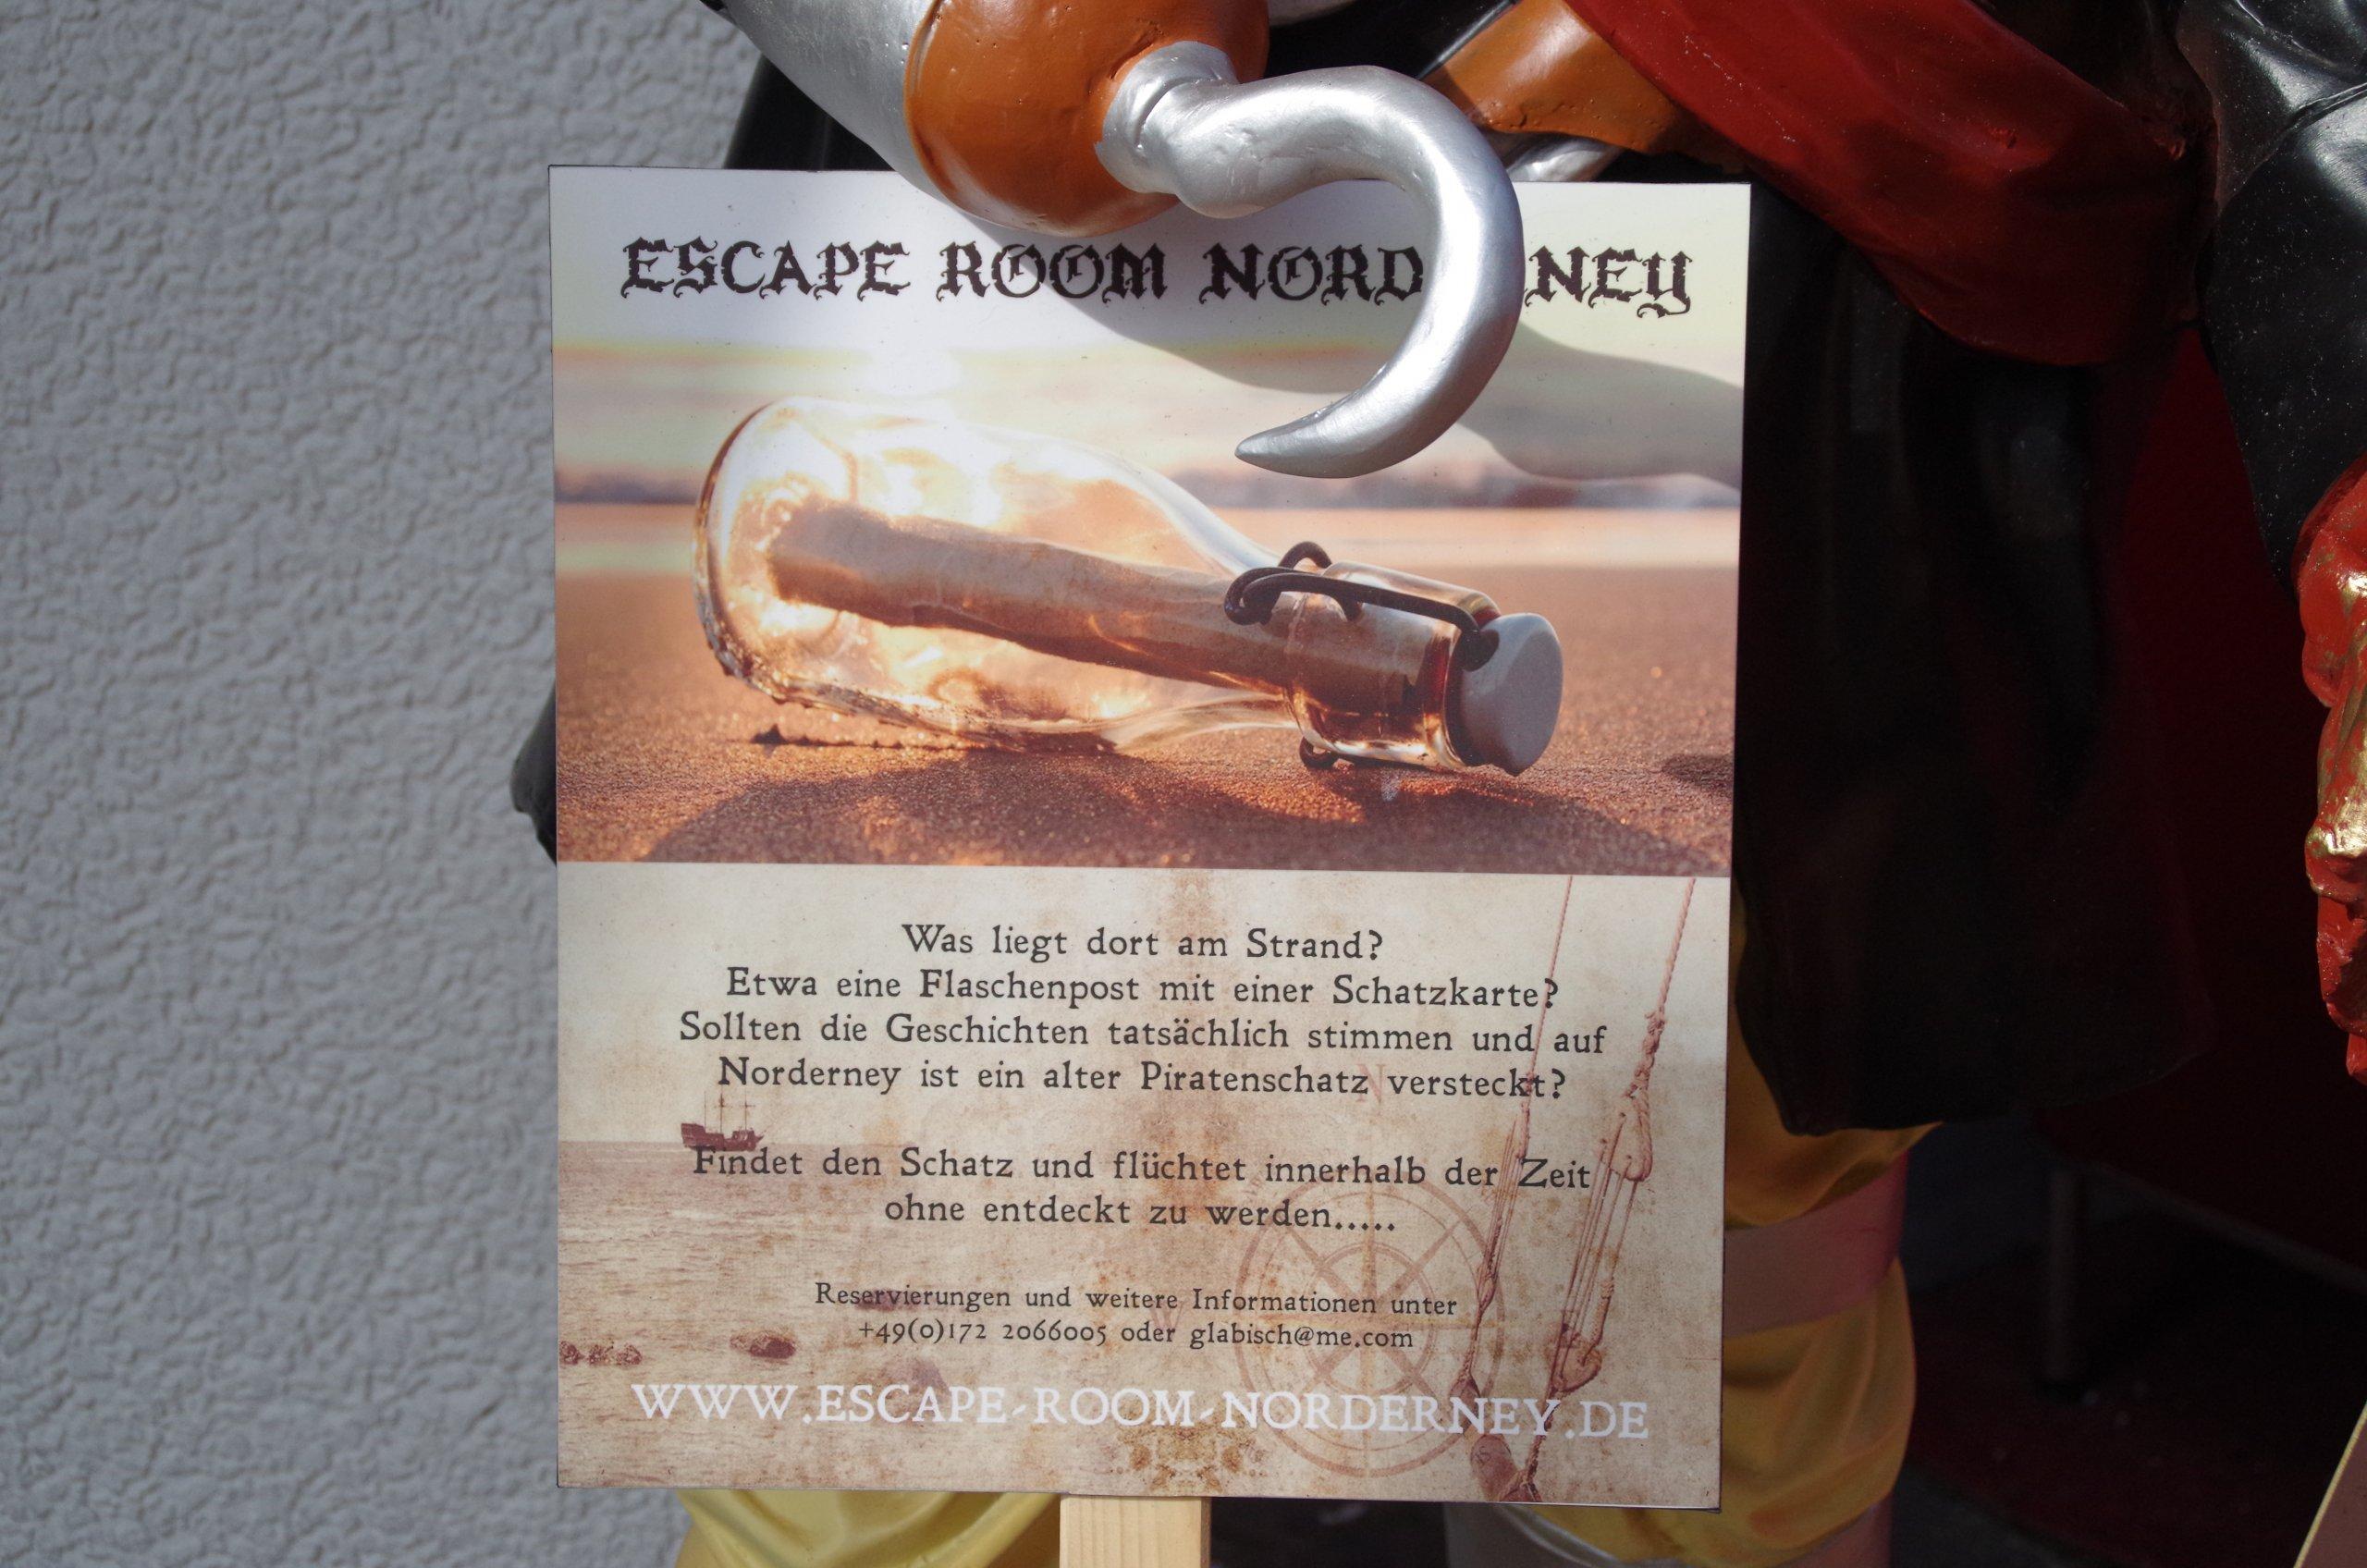 Escape Room Norderney